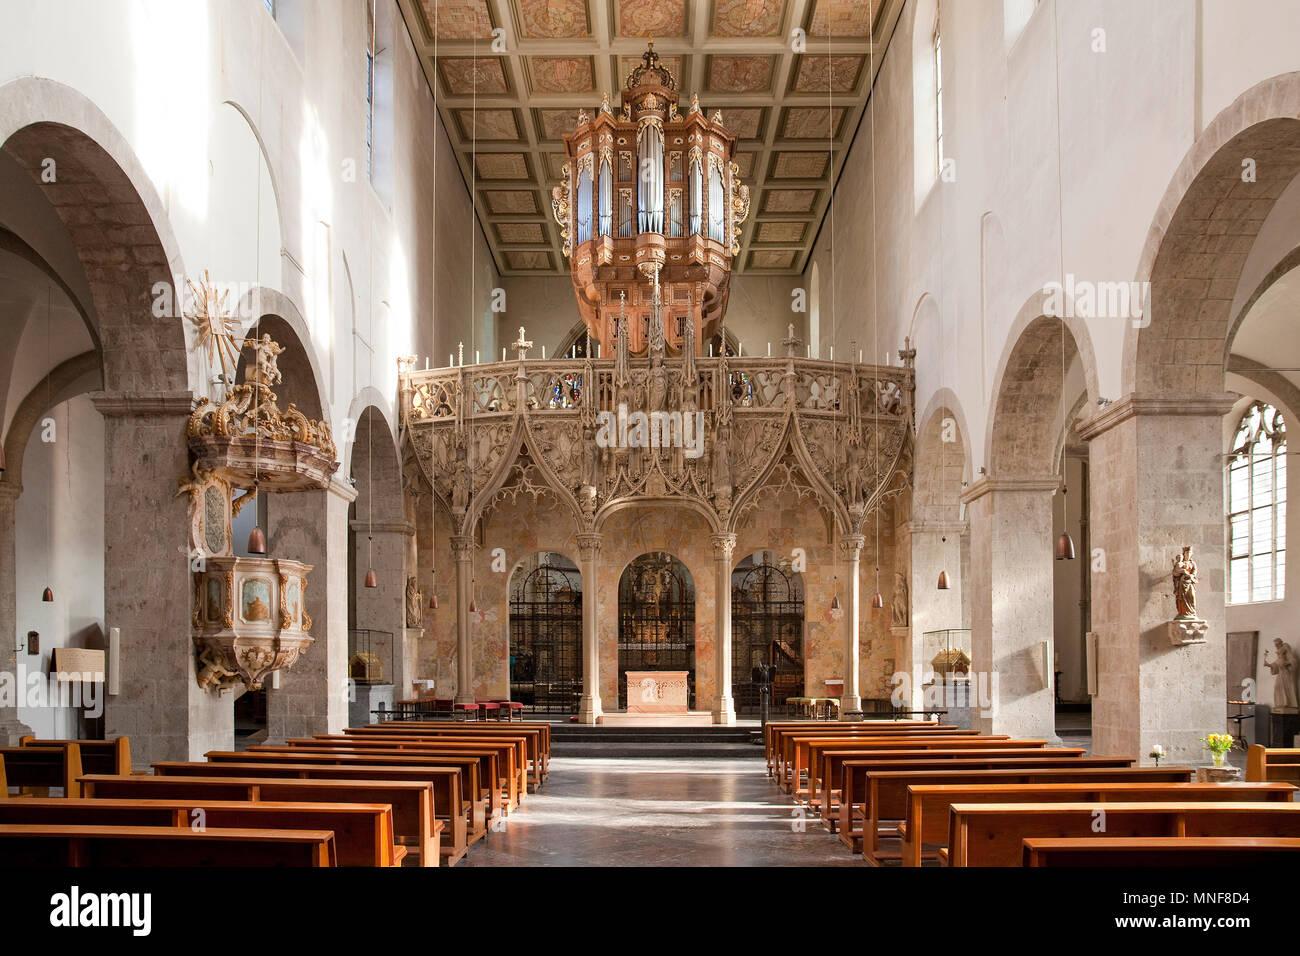 Neue leute kennenlernen in st. pantaleon-erla: Meine stadt